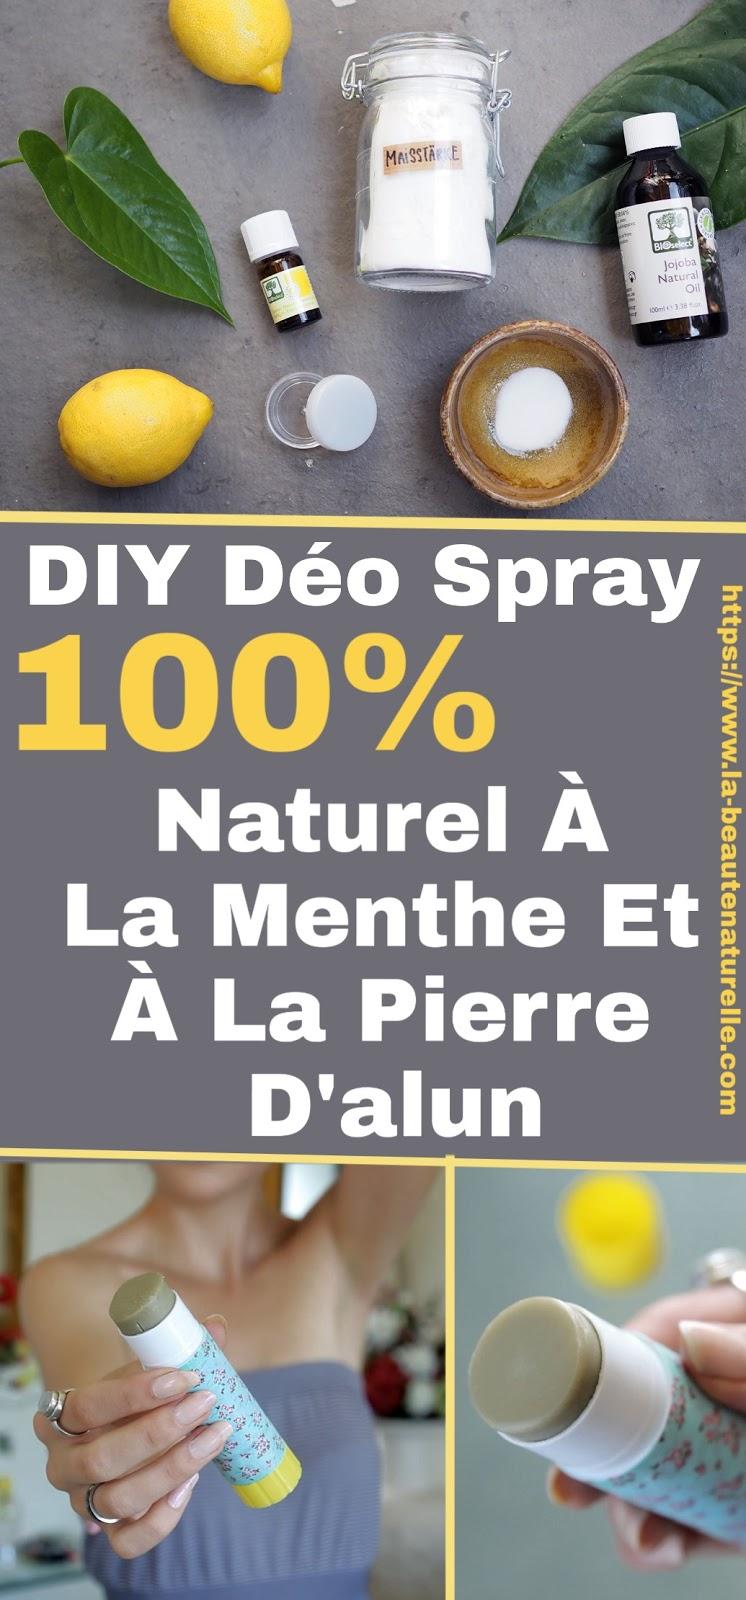 DIY Déo Spray 100% Naturel À La Menthe Et À La Pierre D'alun